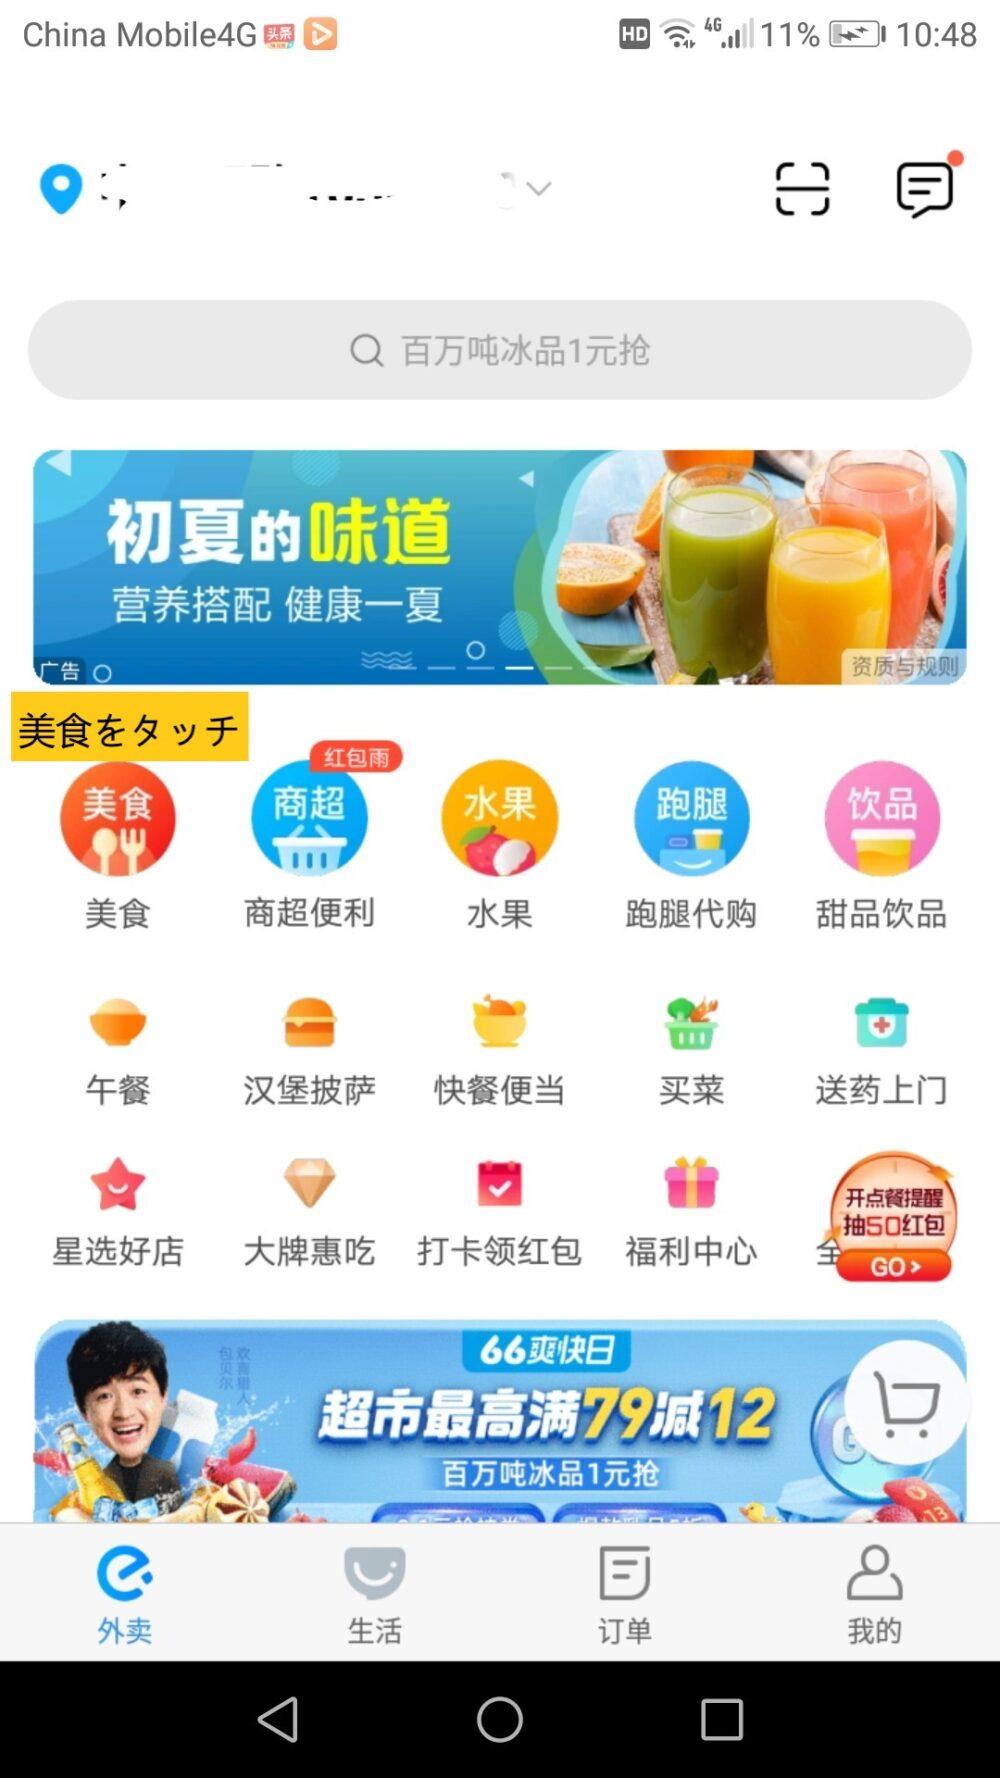 フードデリバリーアプリの饿了么の美食をタッチする画面のスクリーンショットした画像